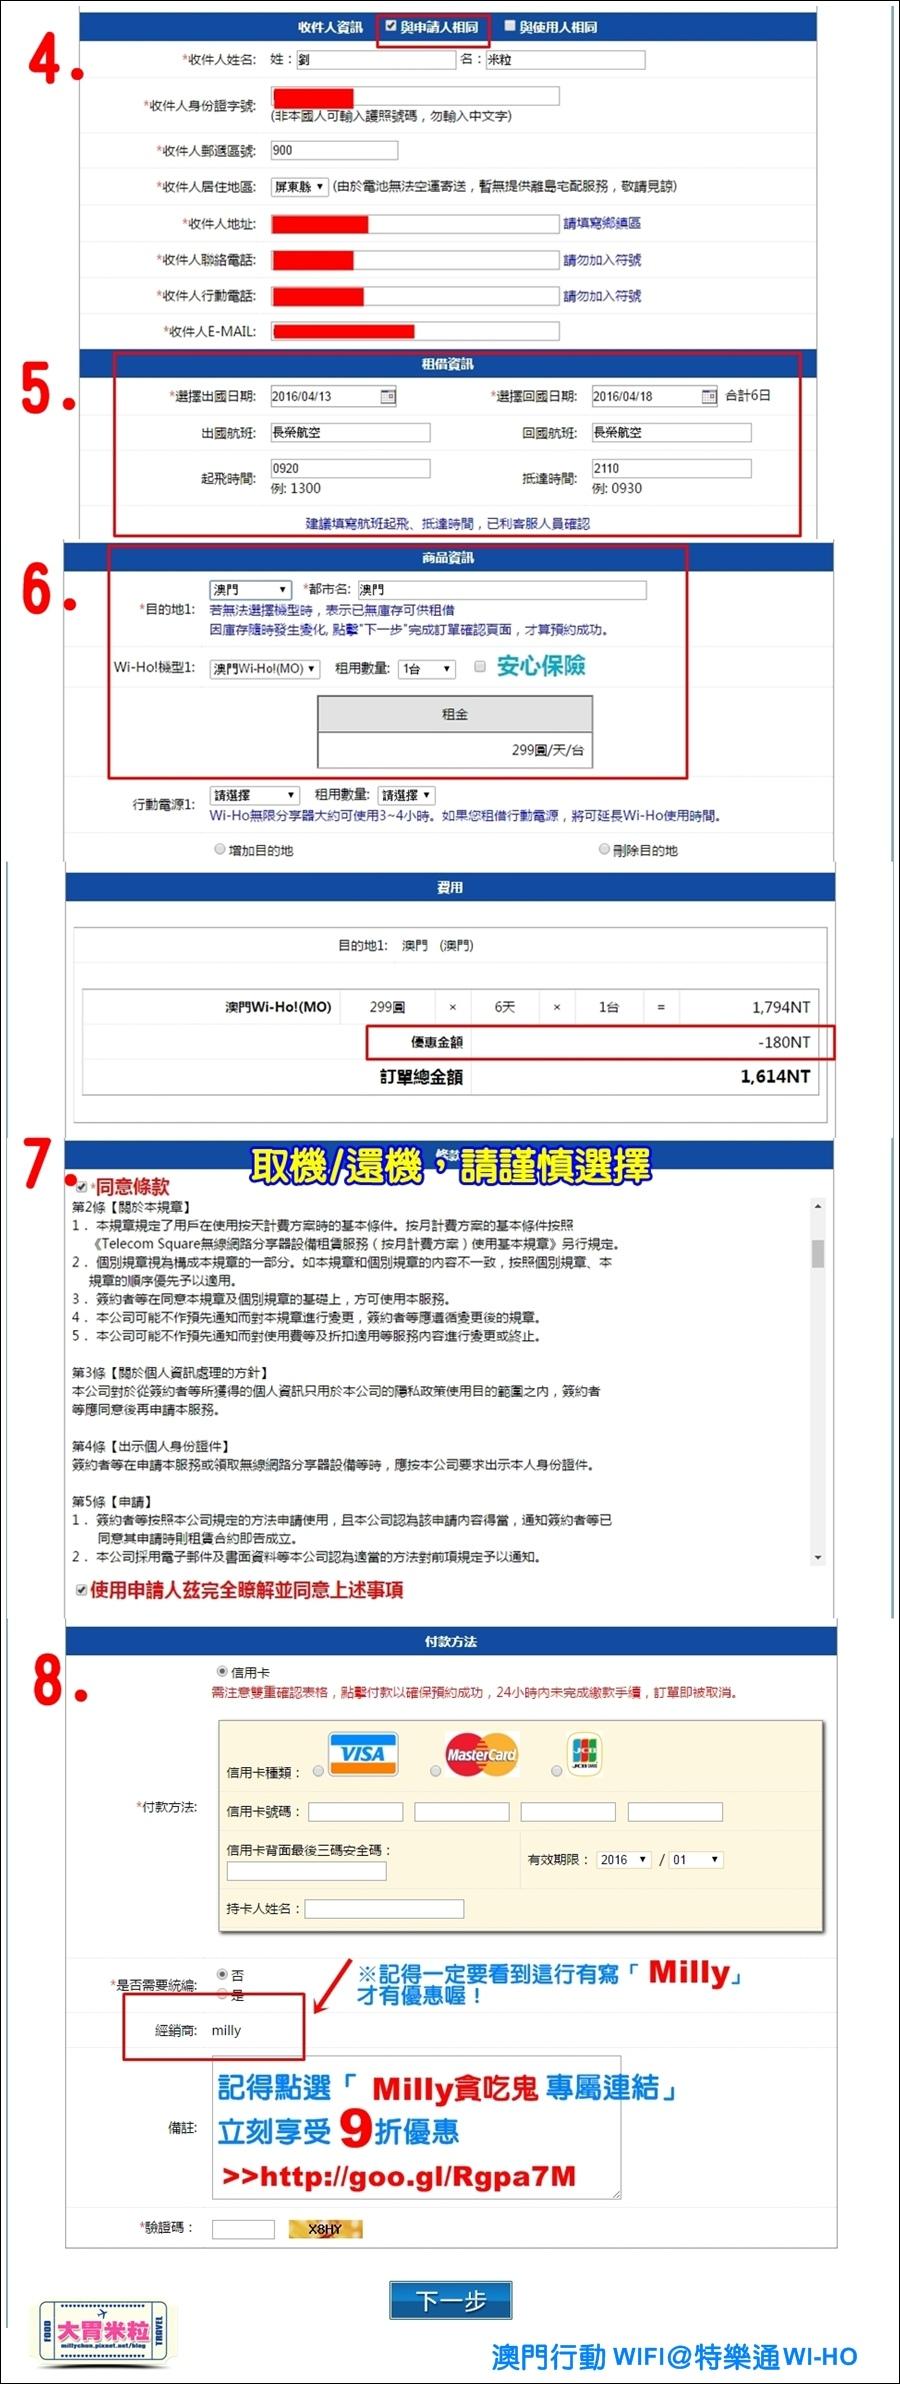 MACAU WIFI 推薦-特樂通WIHO澳門機-millychun0055.jpg